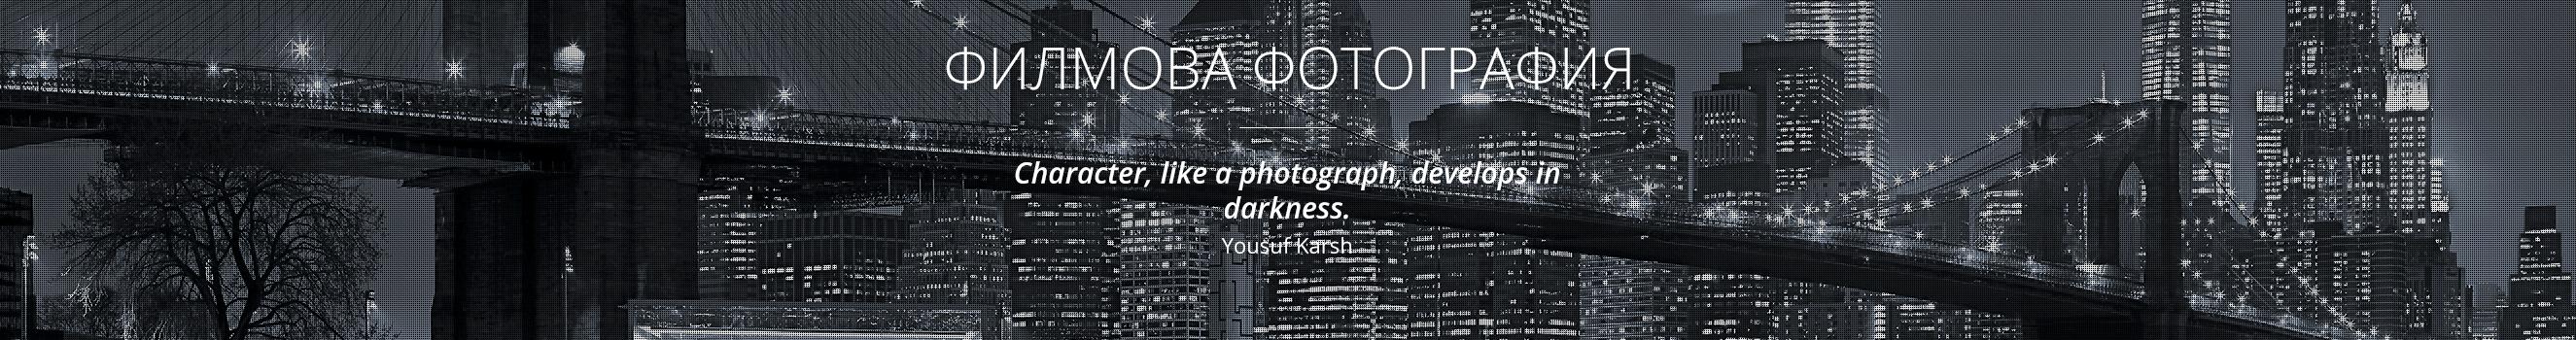 Филмови фотоапарати, фотоапарати и консумативи за моментални снимки.